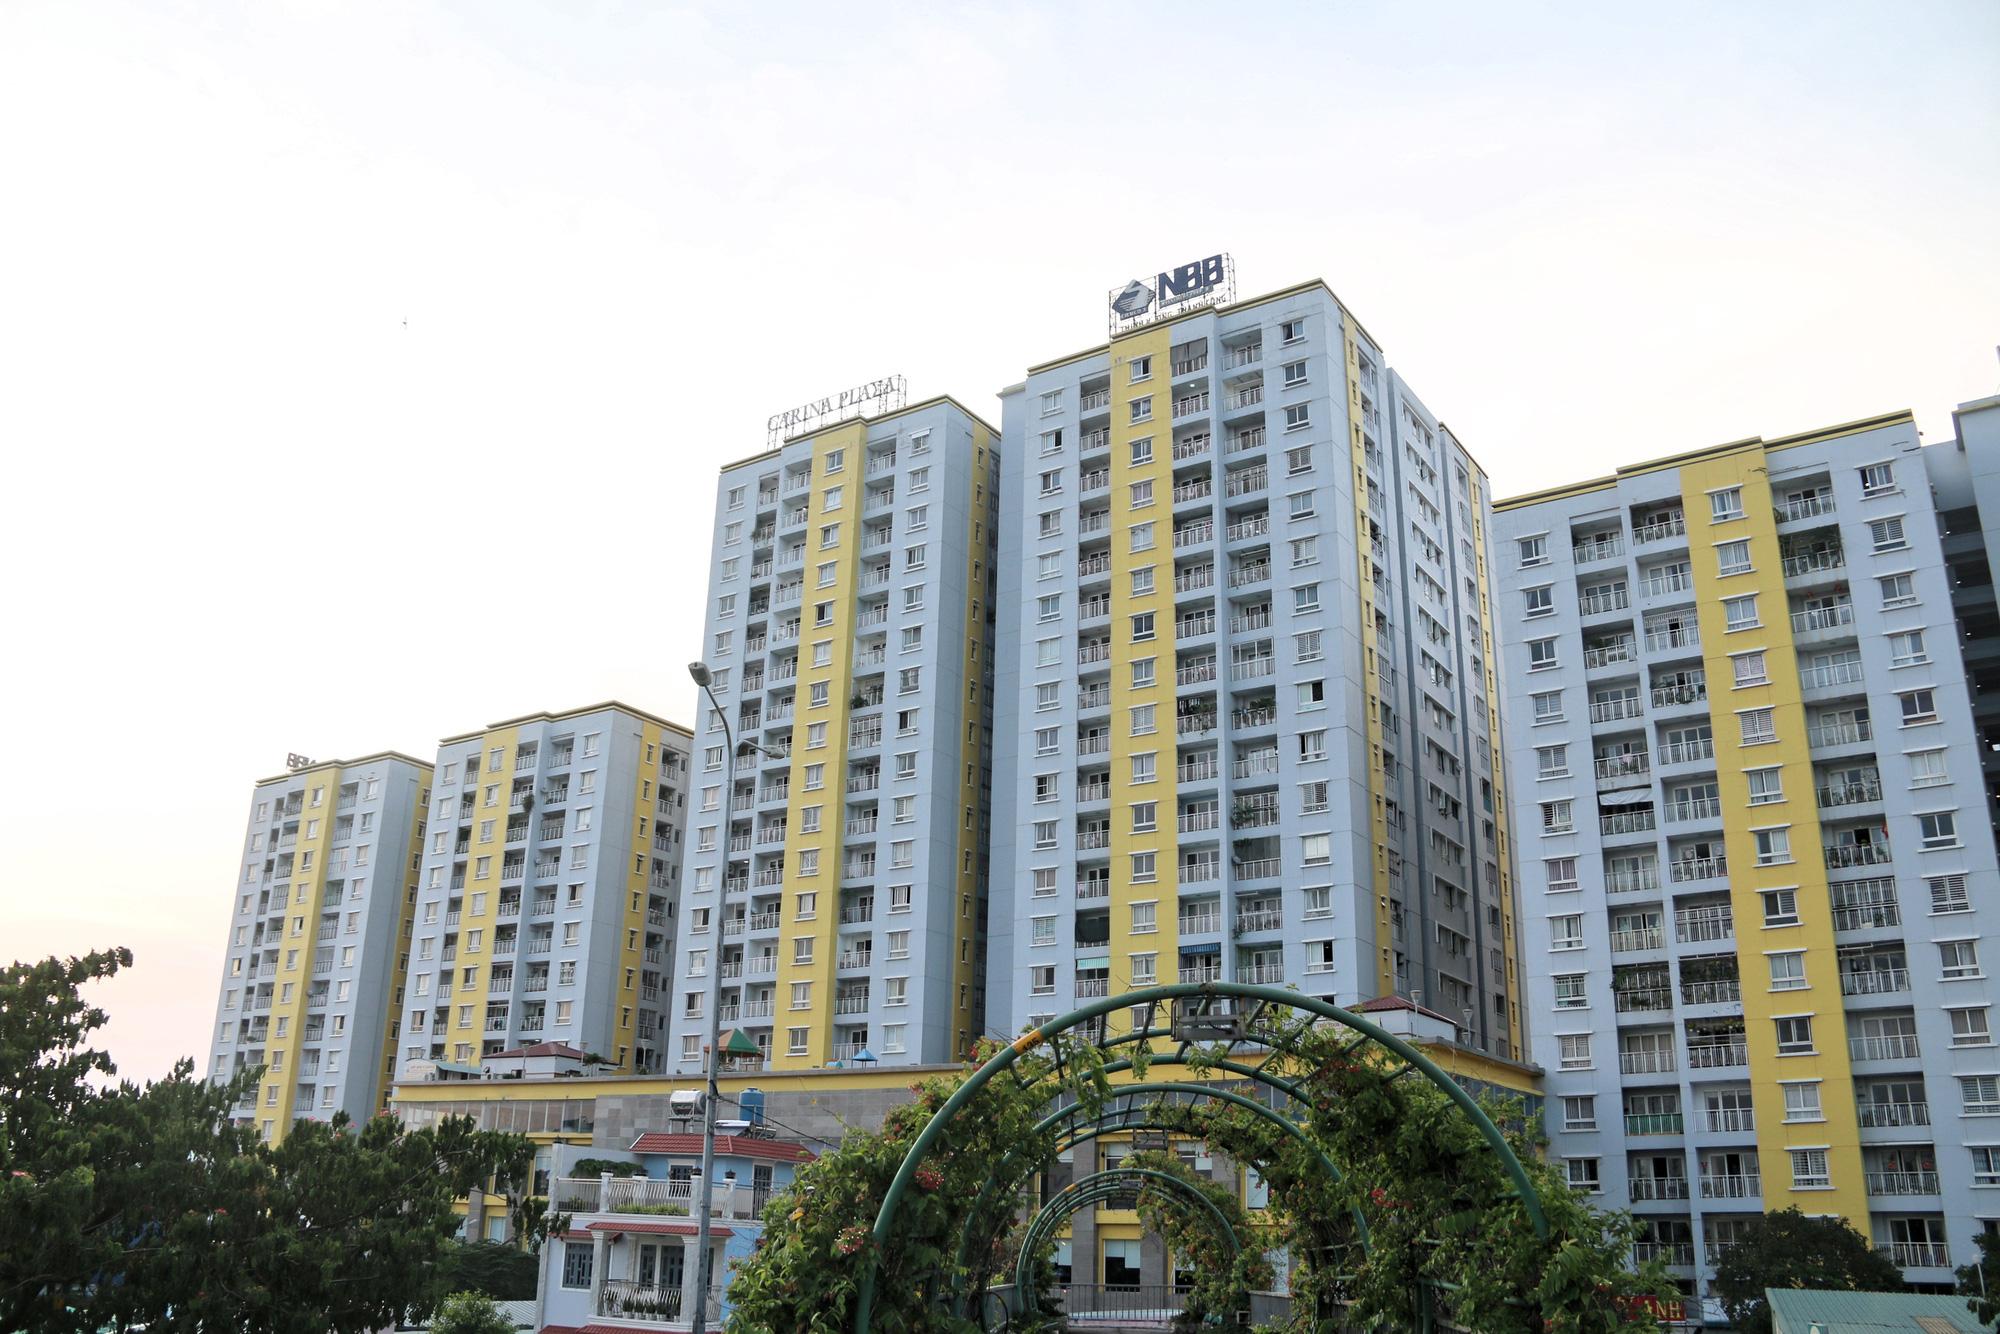 CII đăng ký bán 4,5 triệu cp NBB, giảm sở hữu tại Năm Bảy Bảy - Ảnh 1.